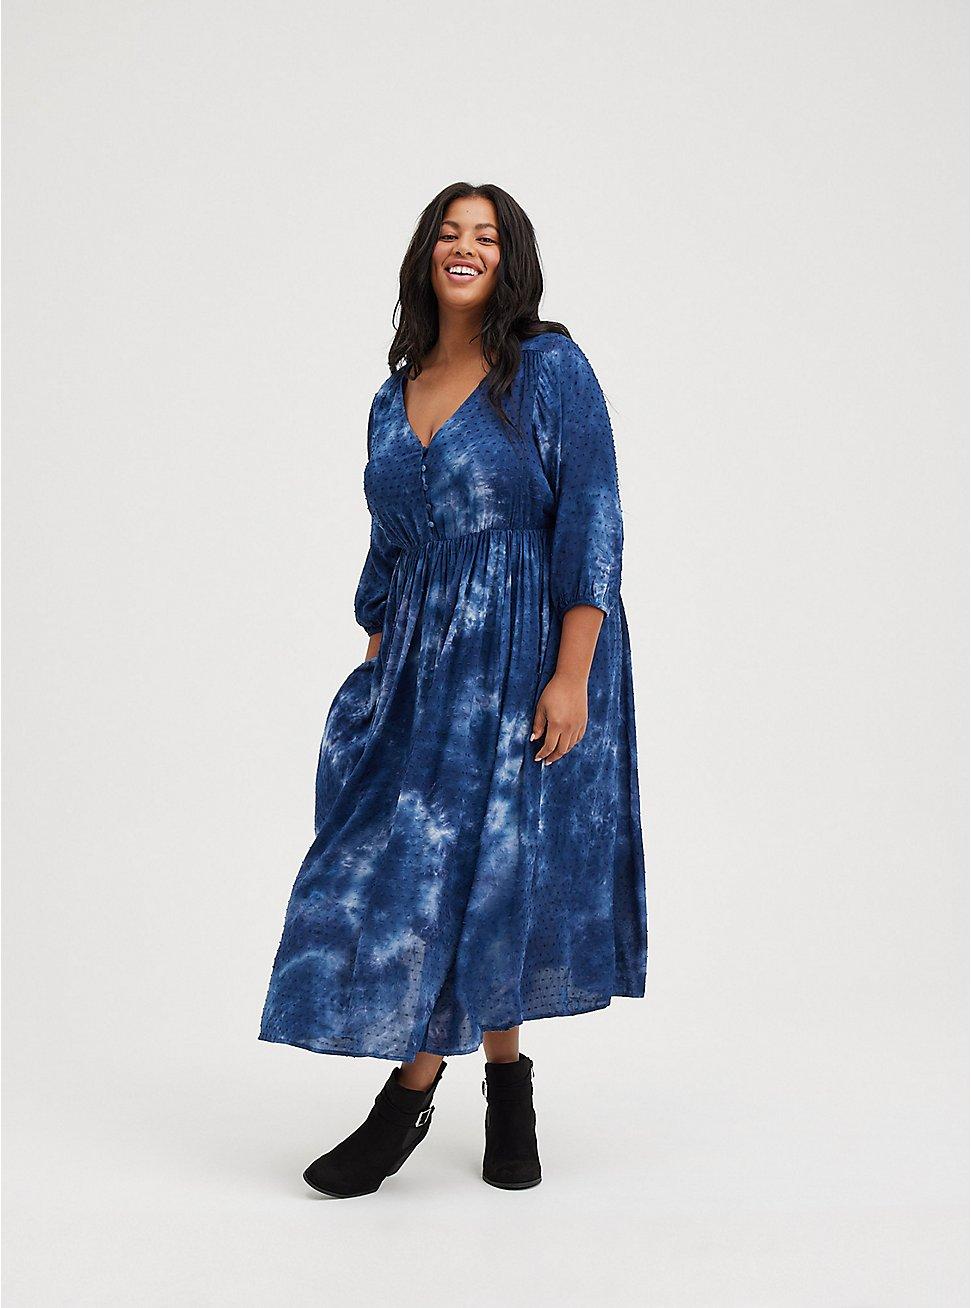 Tea-Length Dress - Chiffon Clip Dot Tie-Dye Blue, TIE DYE-BLUE, hi-res